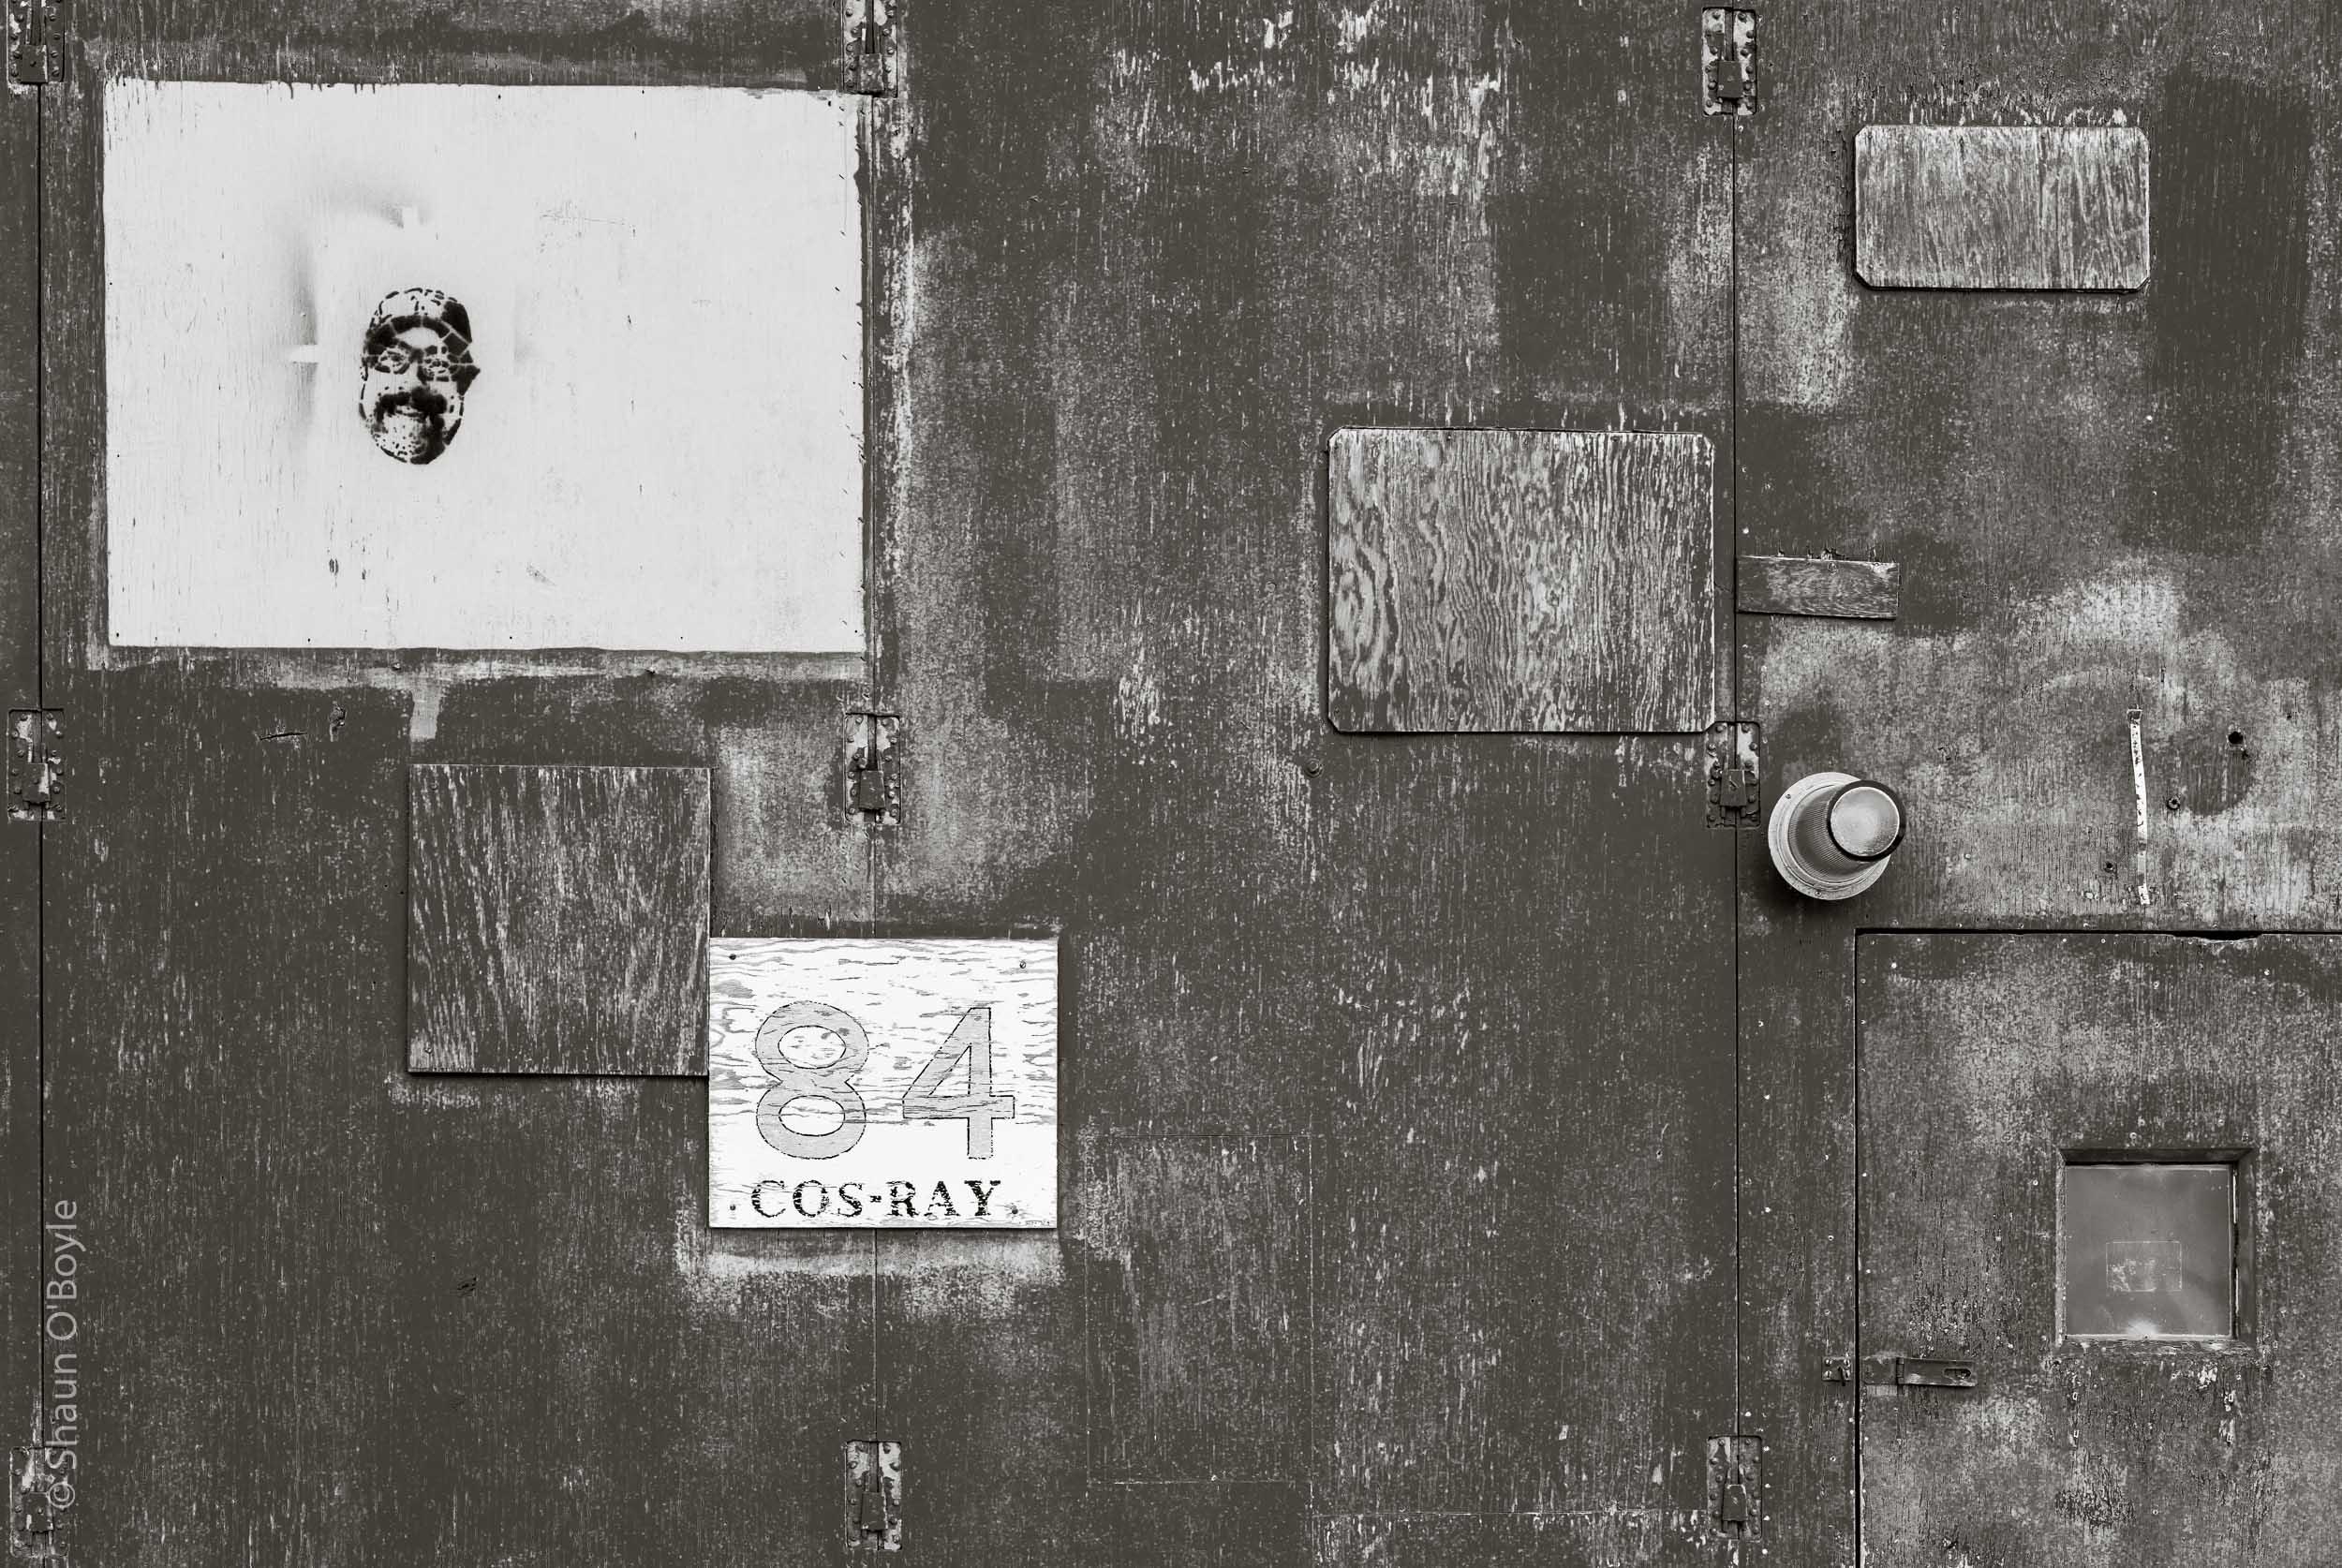 CosRay